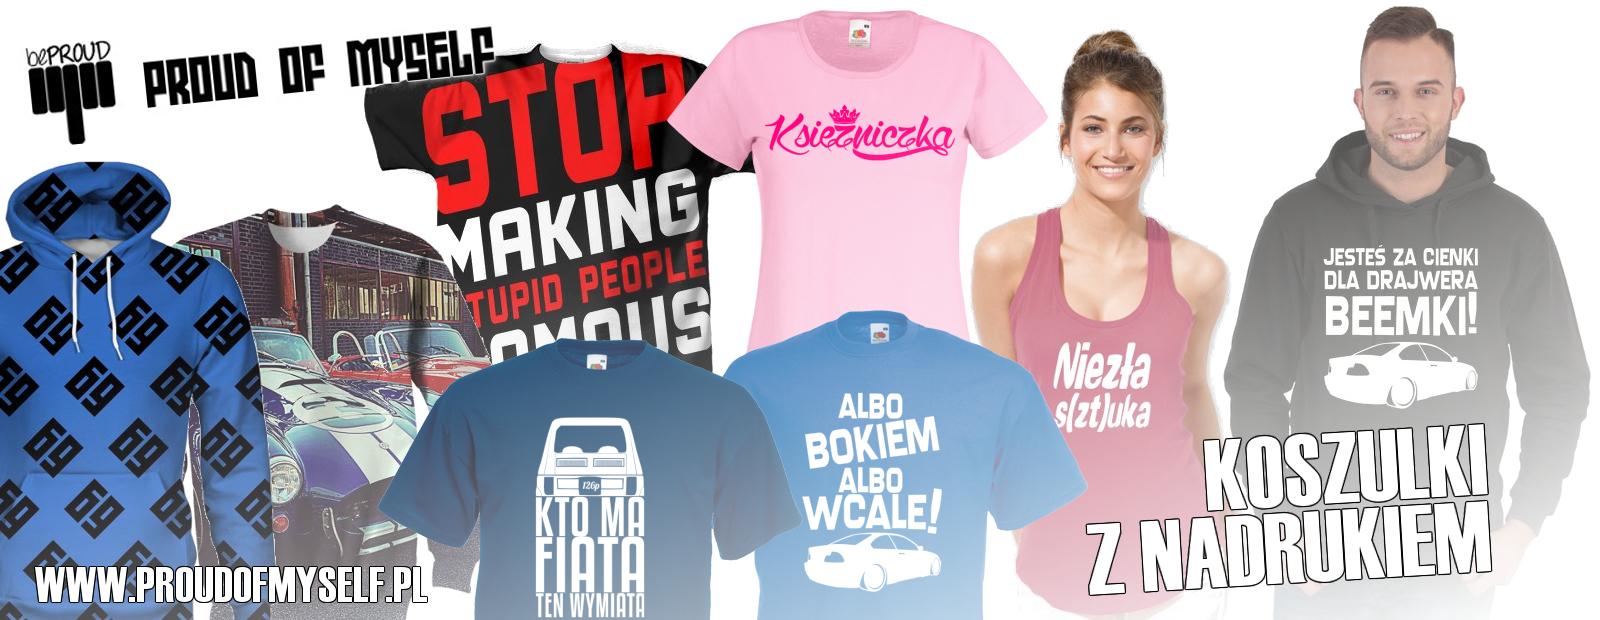 Sklep z koszulkami - Stylowe koszulki z nadrukiem PROUD OF MYSELF - Gliwice, Śląsk - Nadruk na koszulkach, bluzach i gadżetach